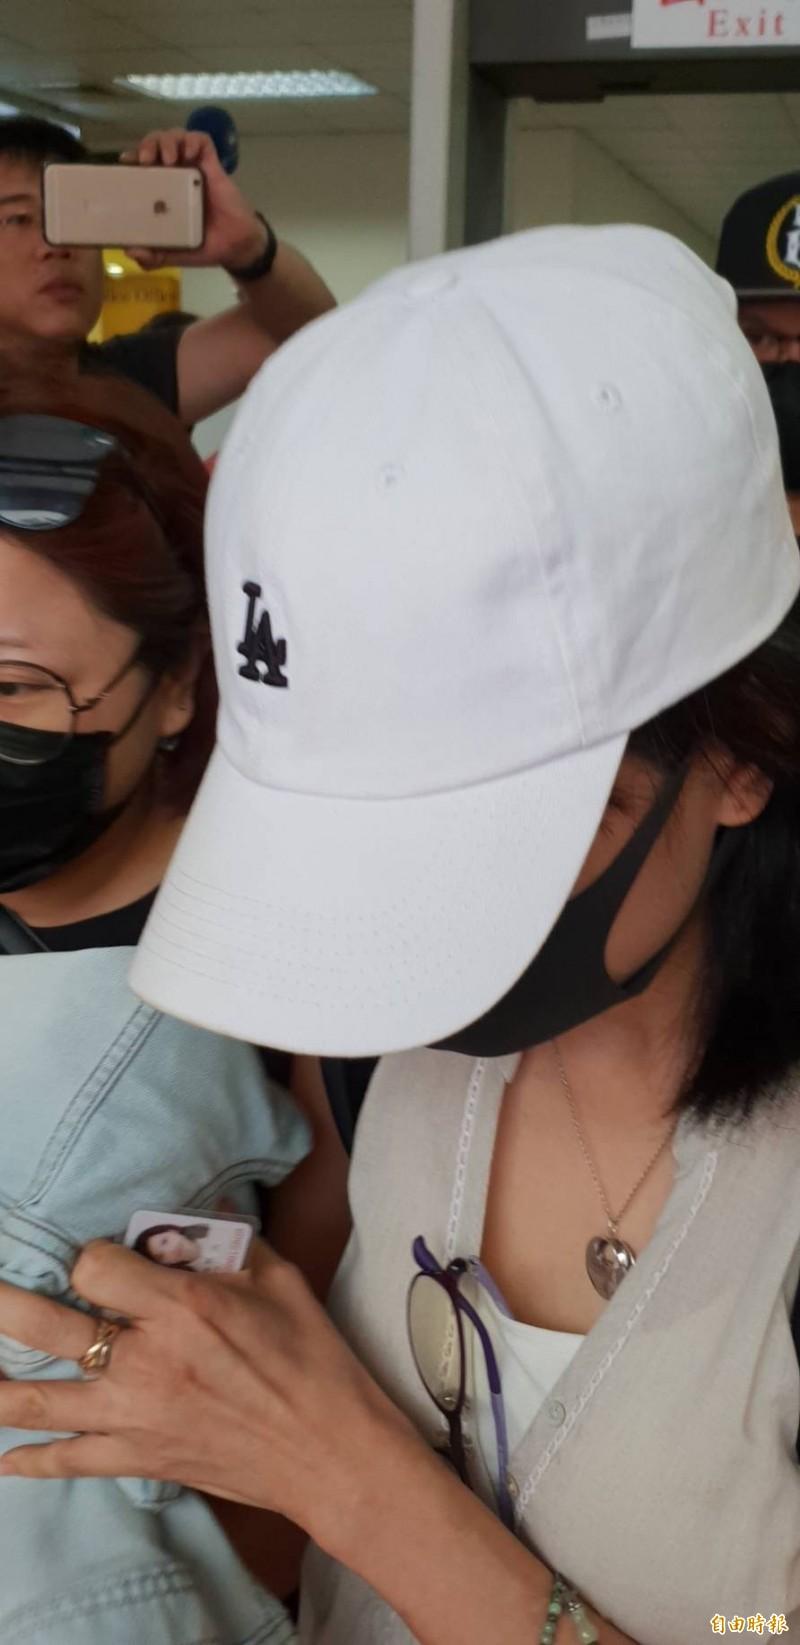 前職棒球星王傳家被妻子胡文玲控告和女粉絲通姦,胡女今赴高院涙訴一審判王無罪,「對我不公平」。(記者楊國文攝)